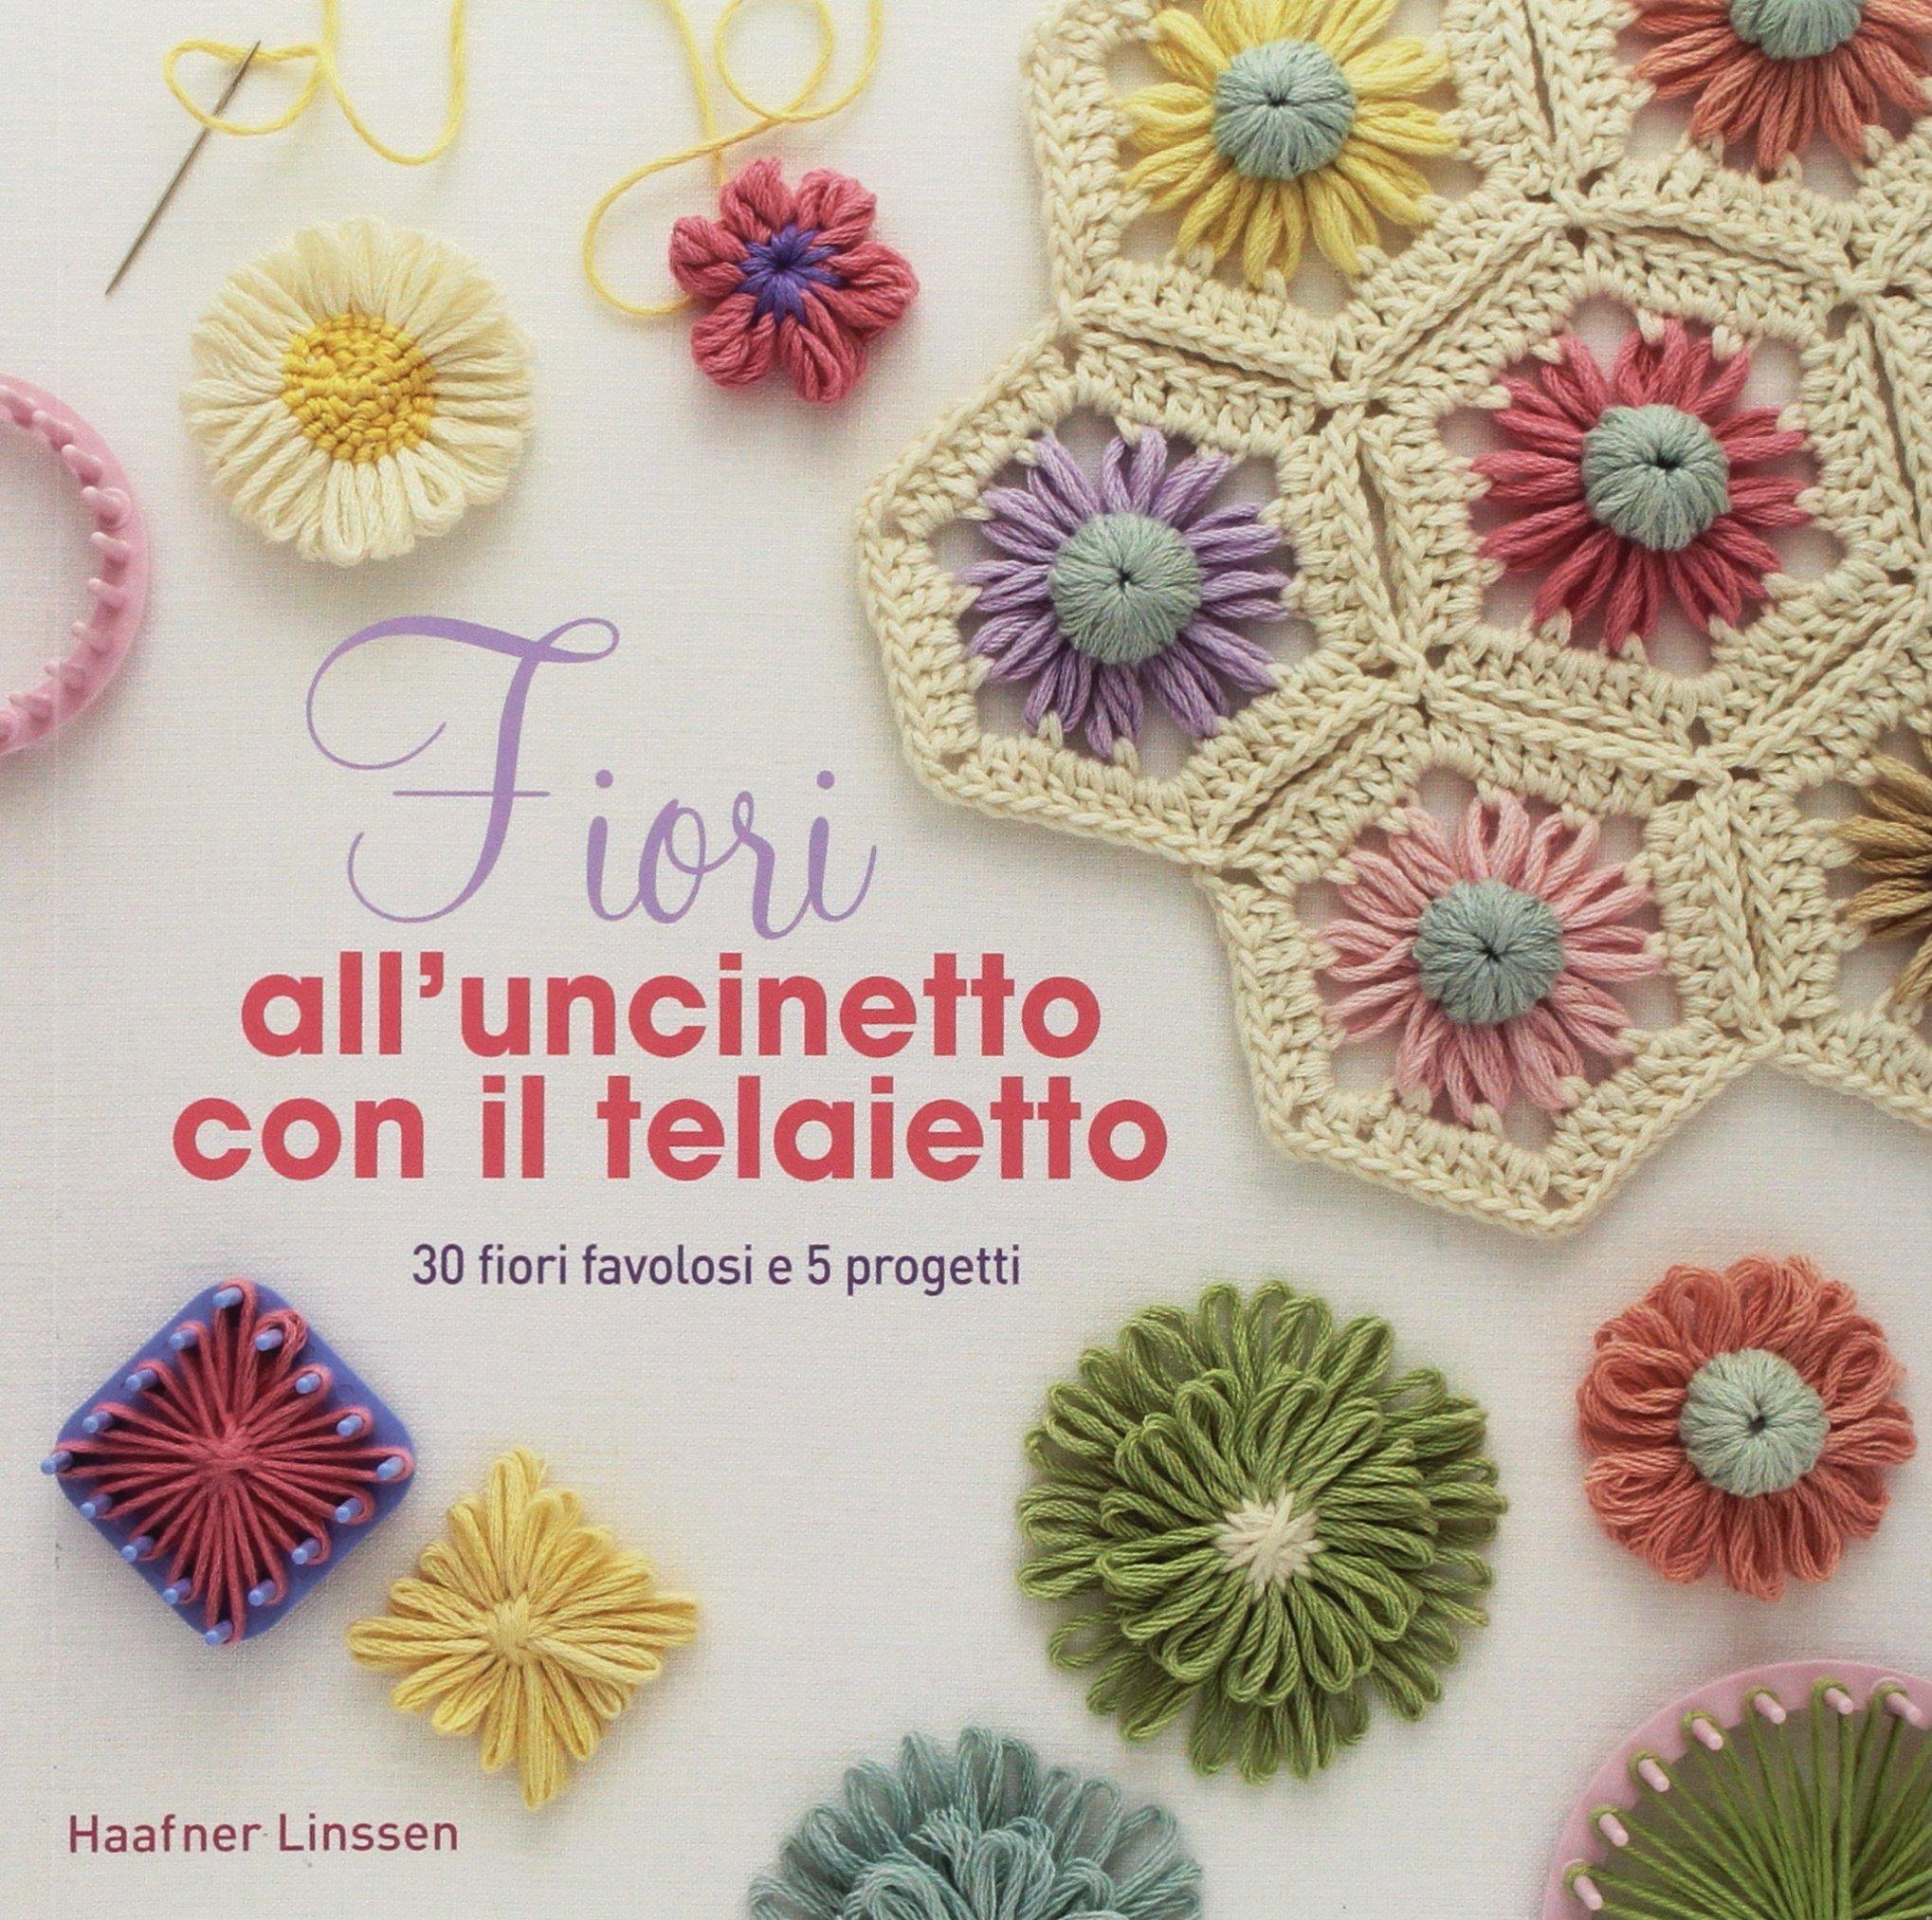 Fiori Alluncinetto.Amazon Com Fiori All Uncinetto 9788865209424 Linssen Haafner